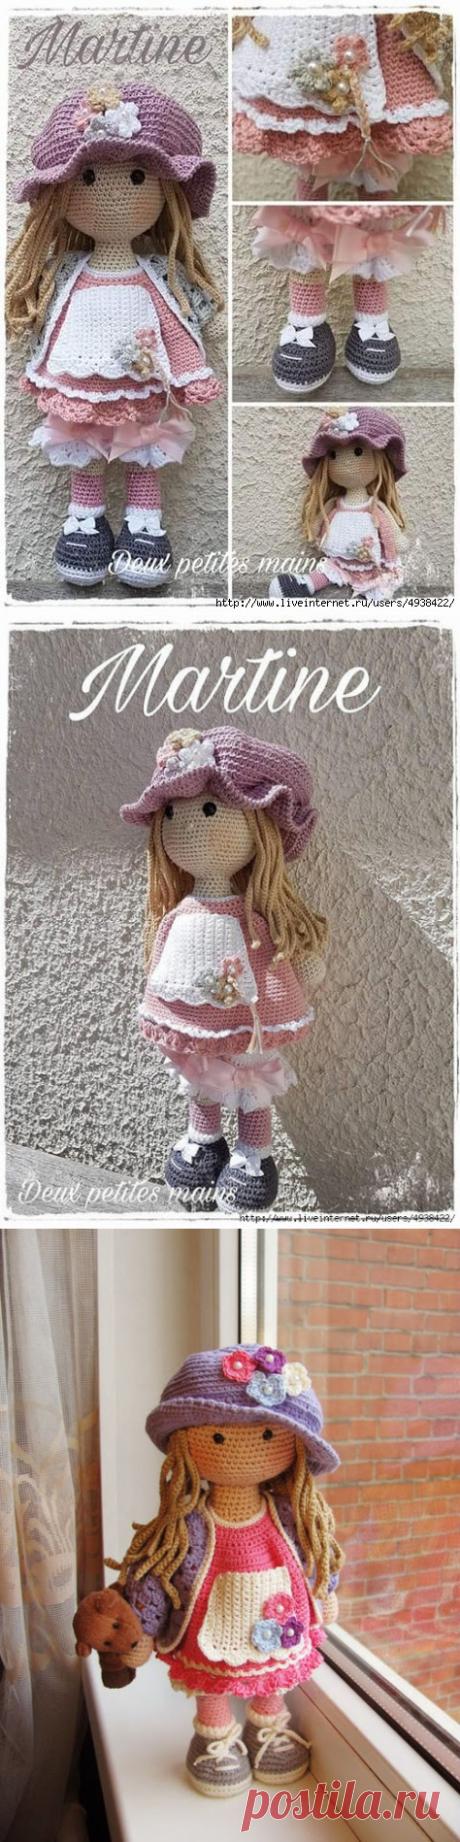 Очаровательная кукла Мартина. Описание работы